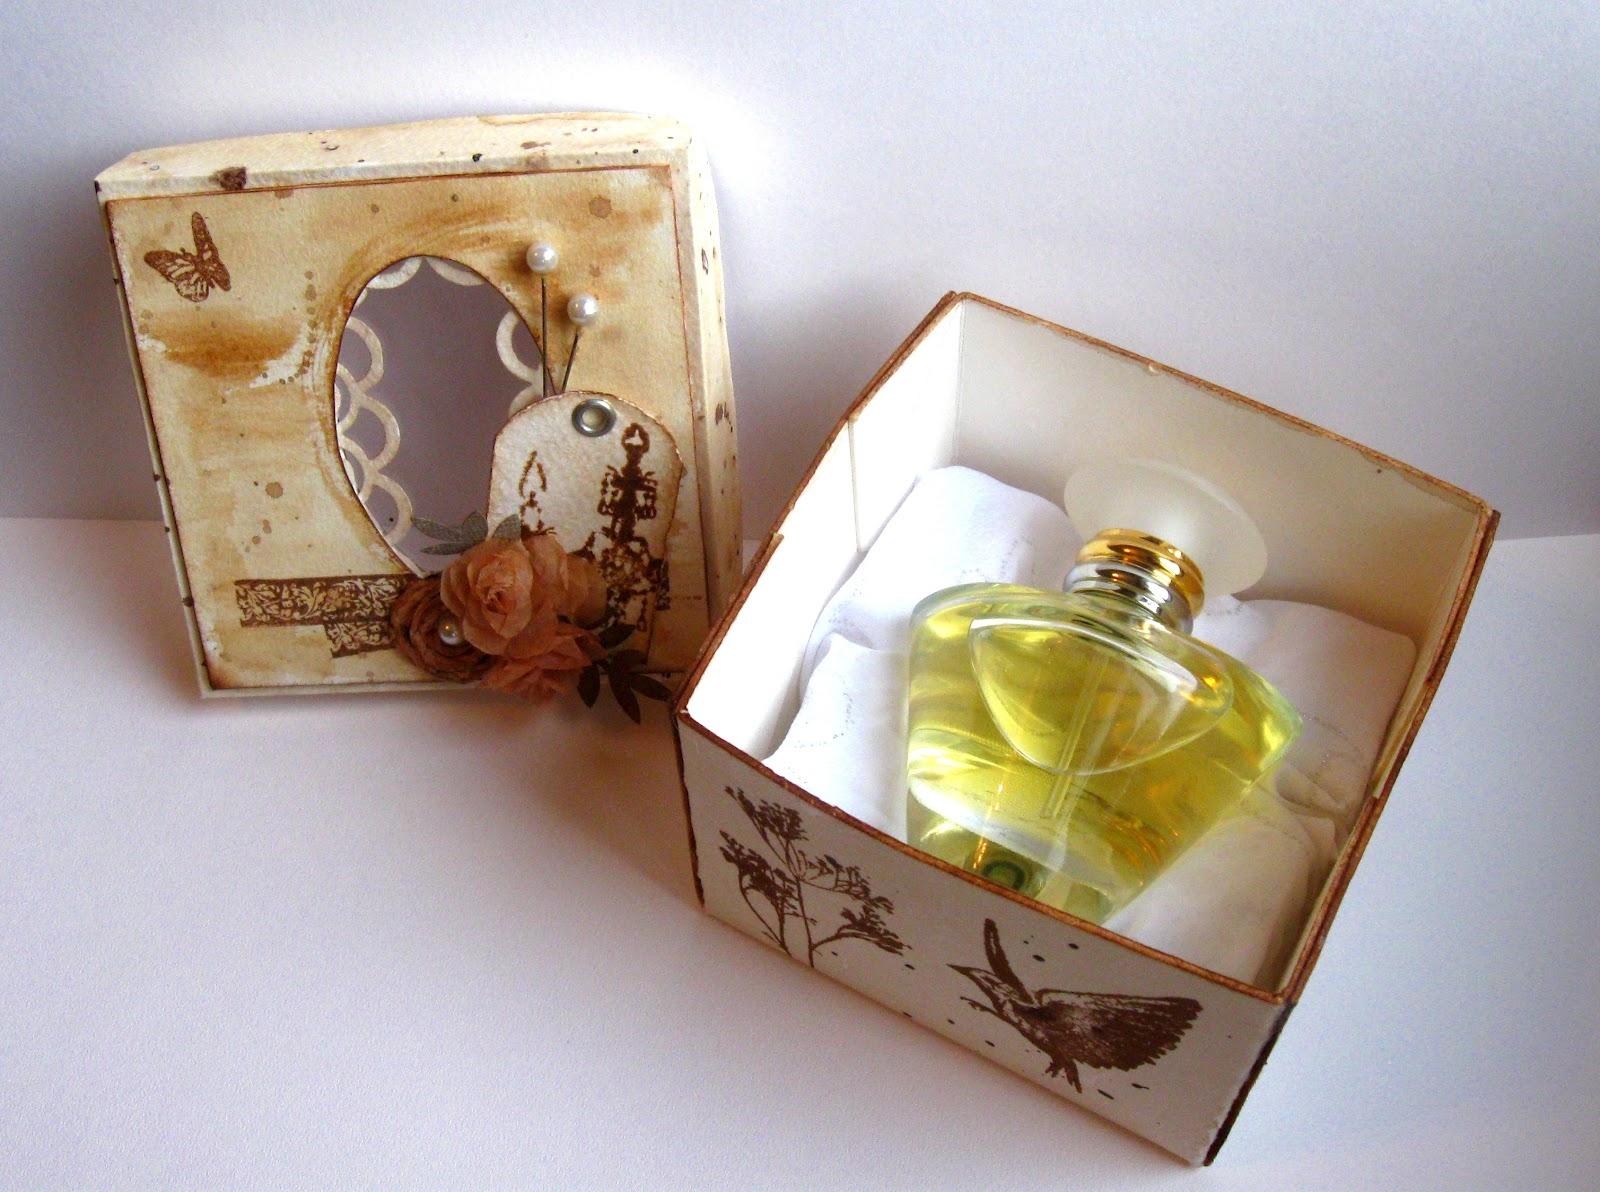 Своими руками упаковка для духов